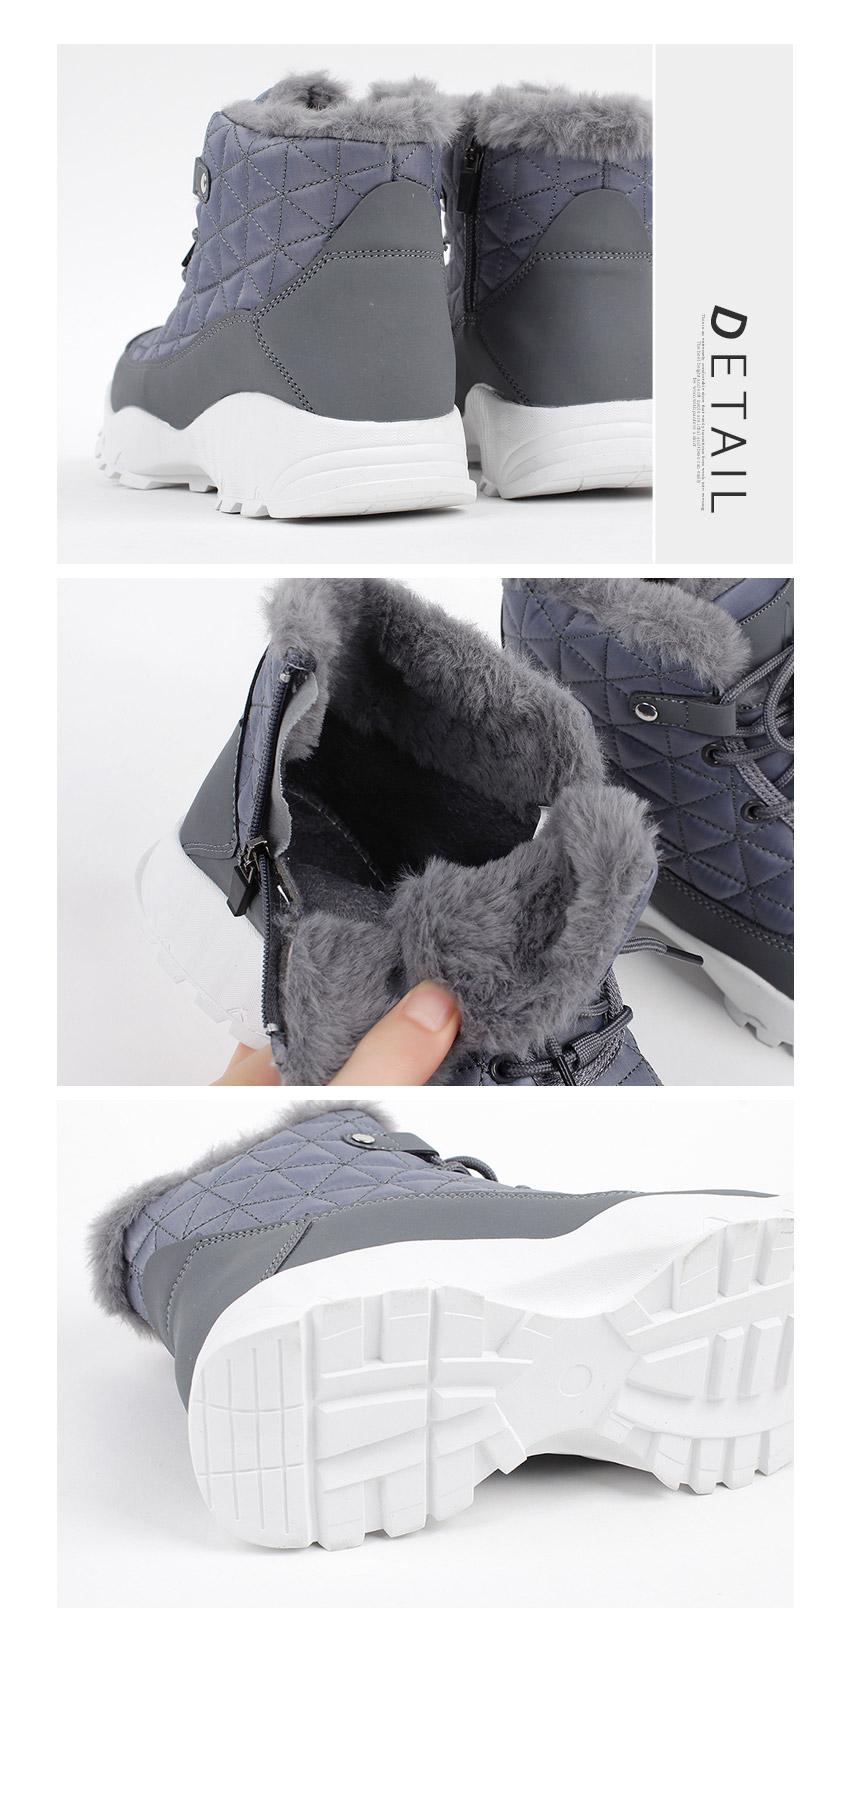 WS-6885 여자 패딩 털안감 스니커즈 겨울 신발 운동화 - 더보이더걸, 39,800원, 운동화/슬립온, 운동화